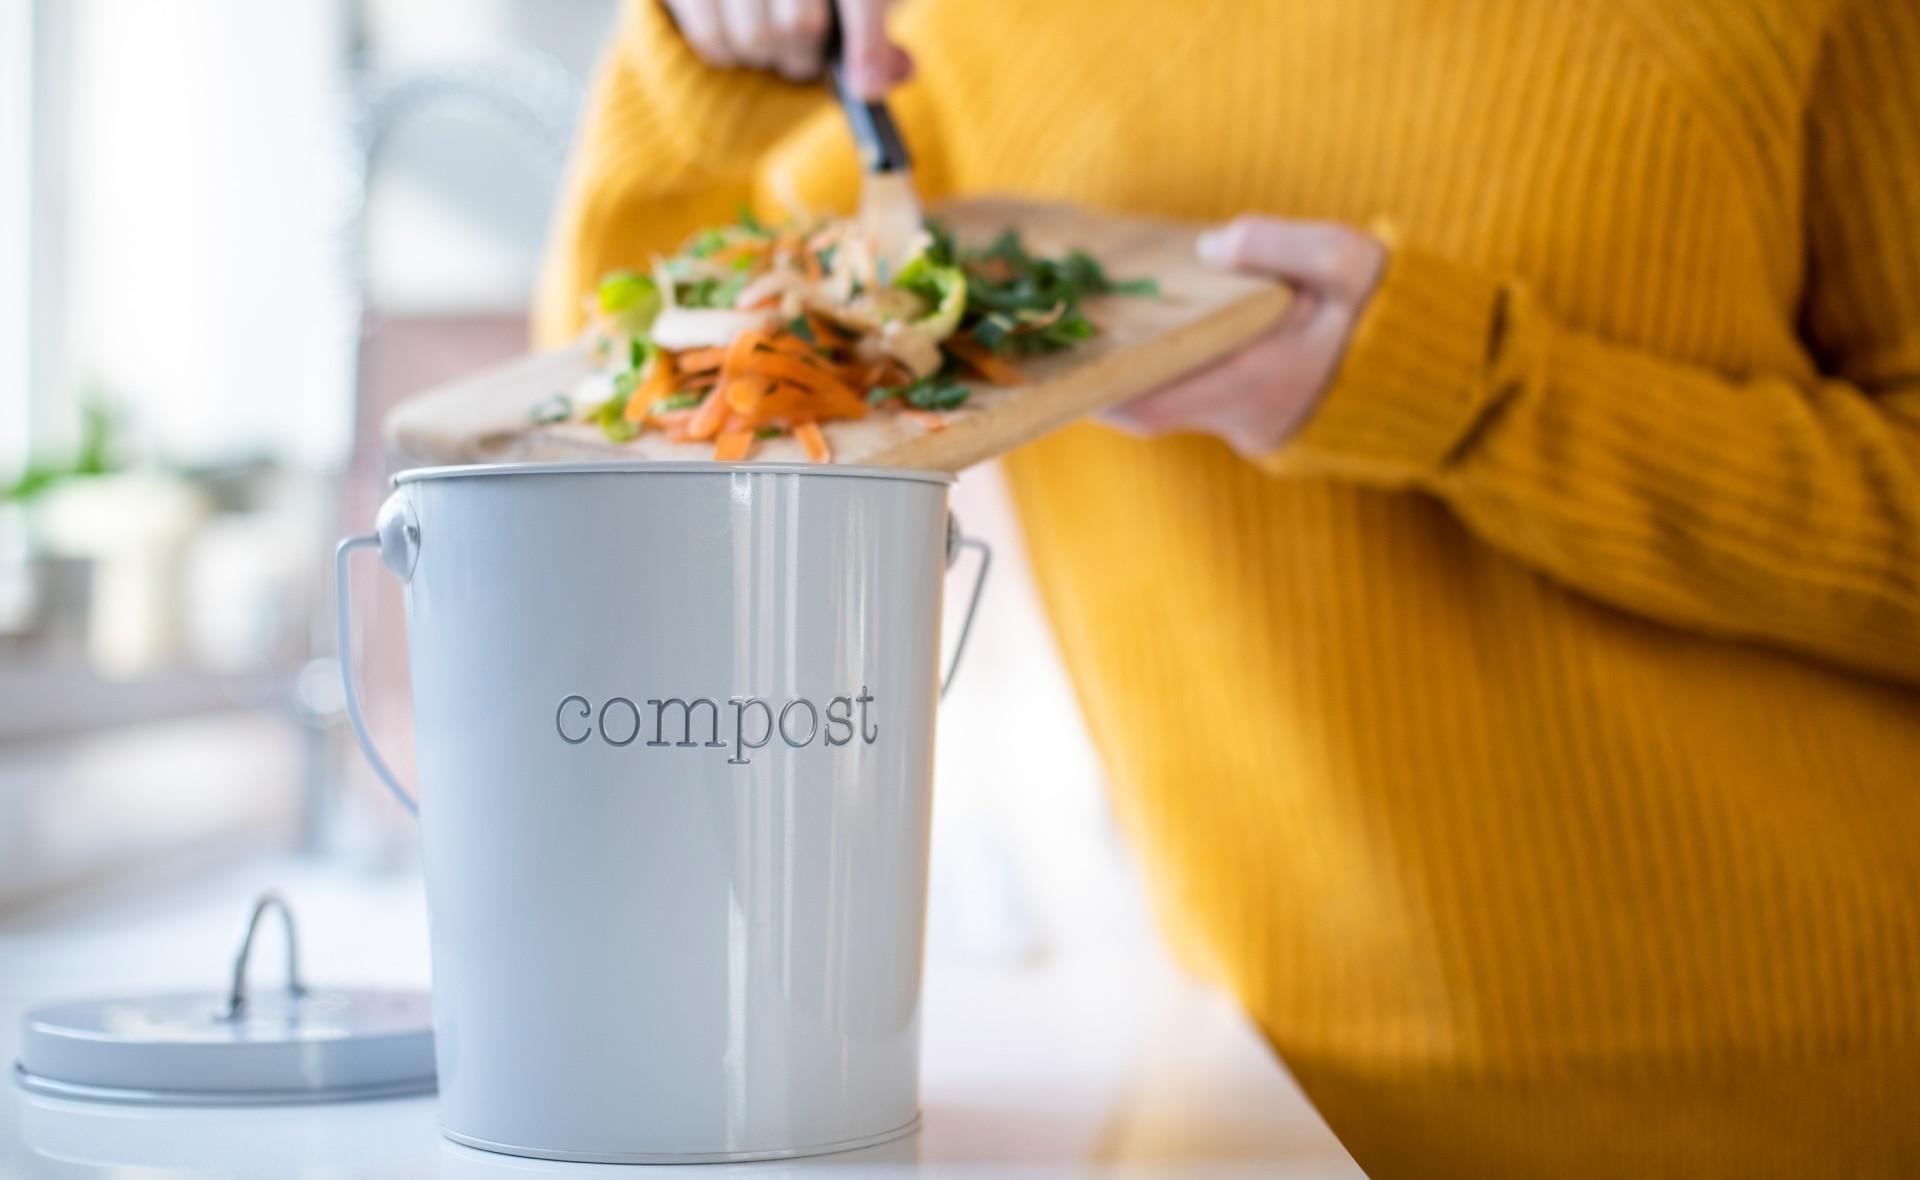 compost_residuos-organicos-basura-casa-hogares-desechos-sostenibilidad